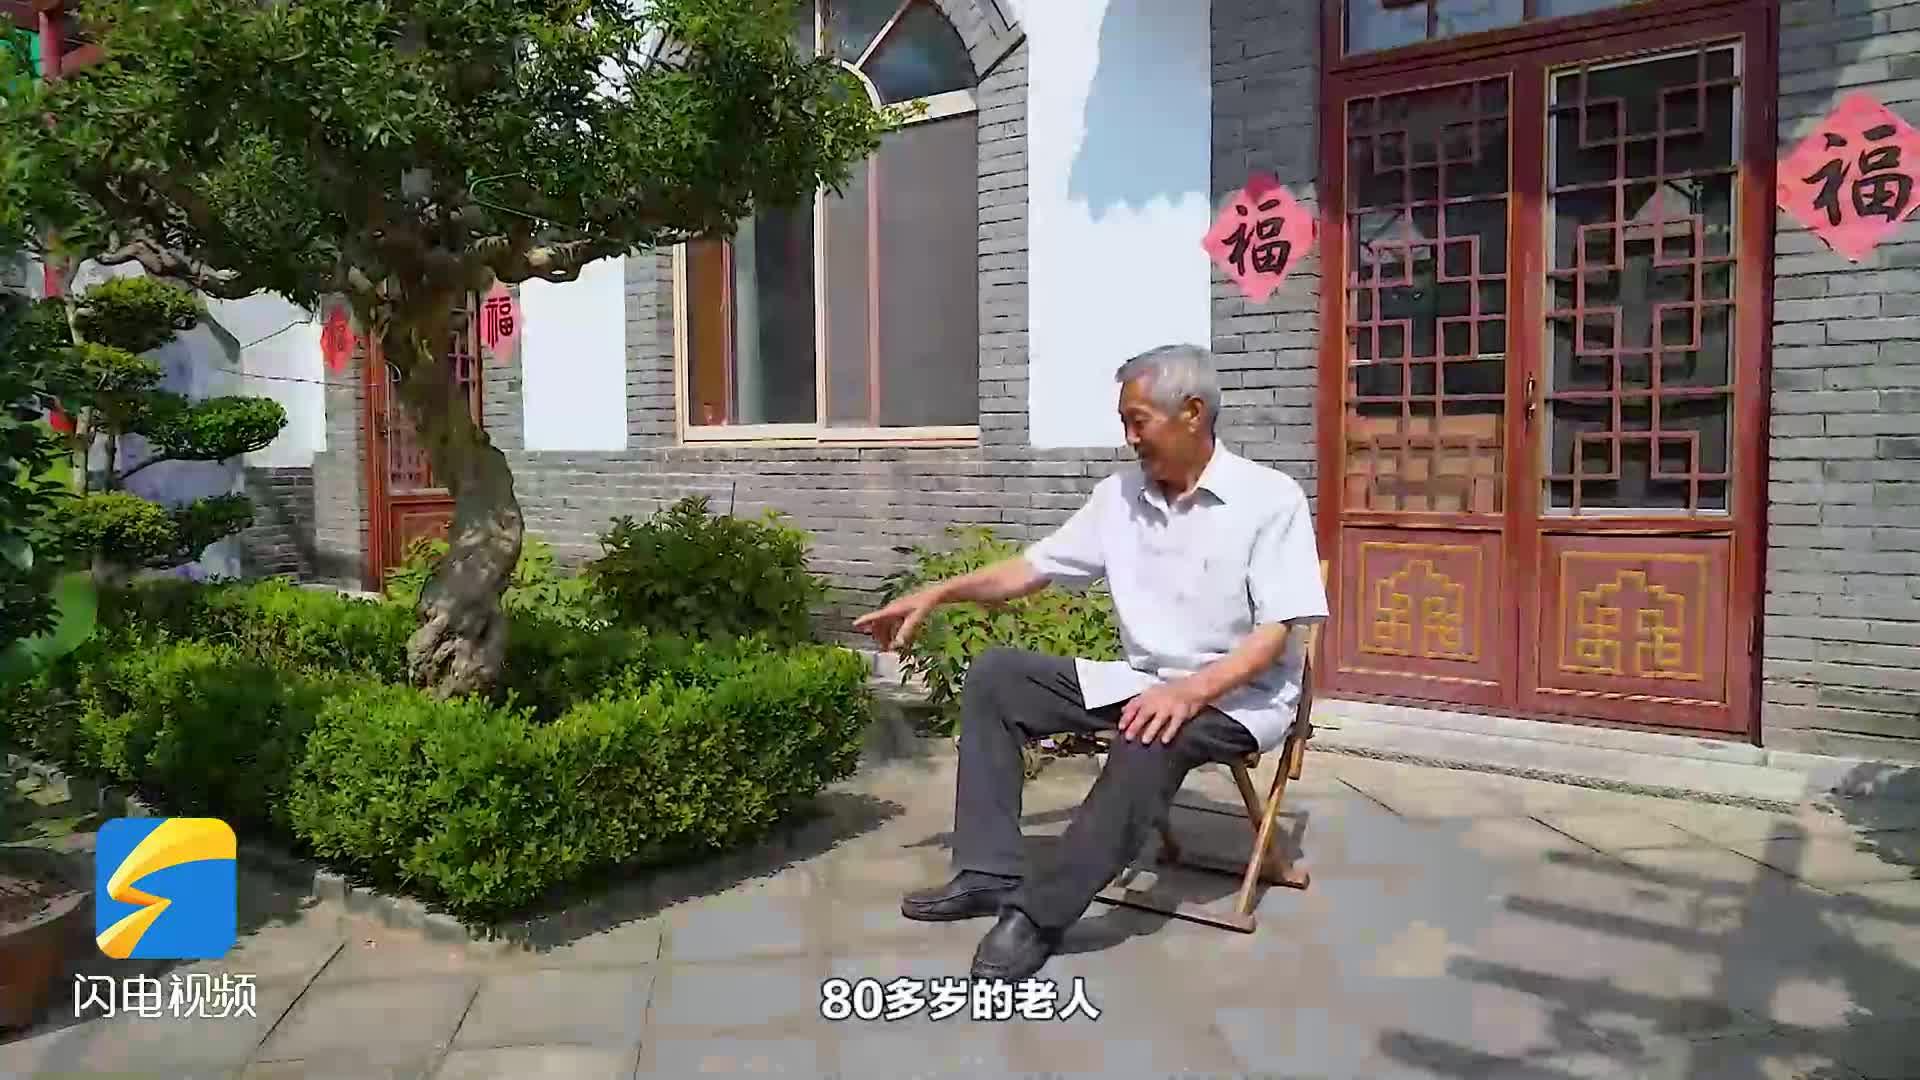 潍坊寒亭:美丽庭院创建让生活更美好